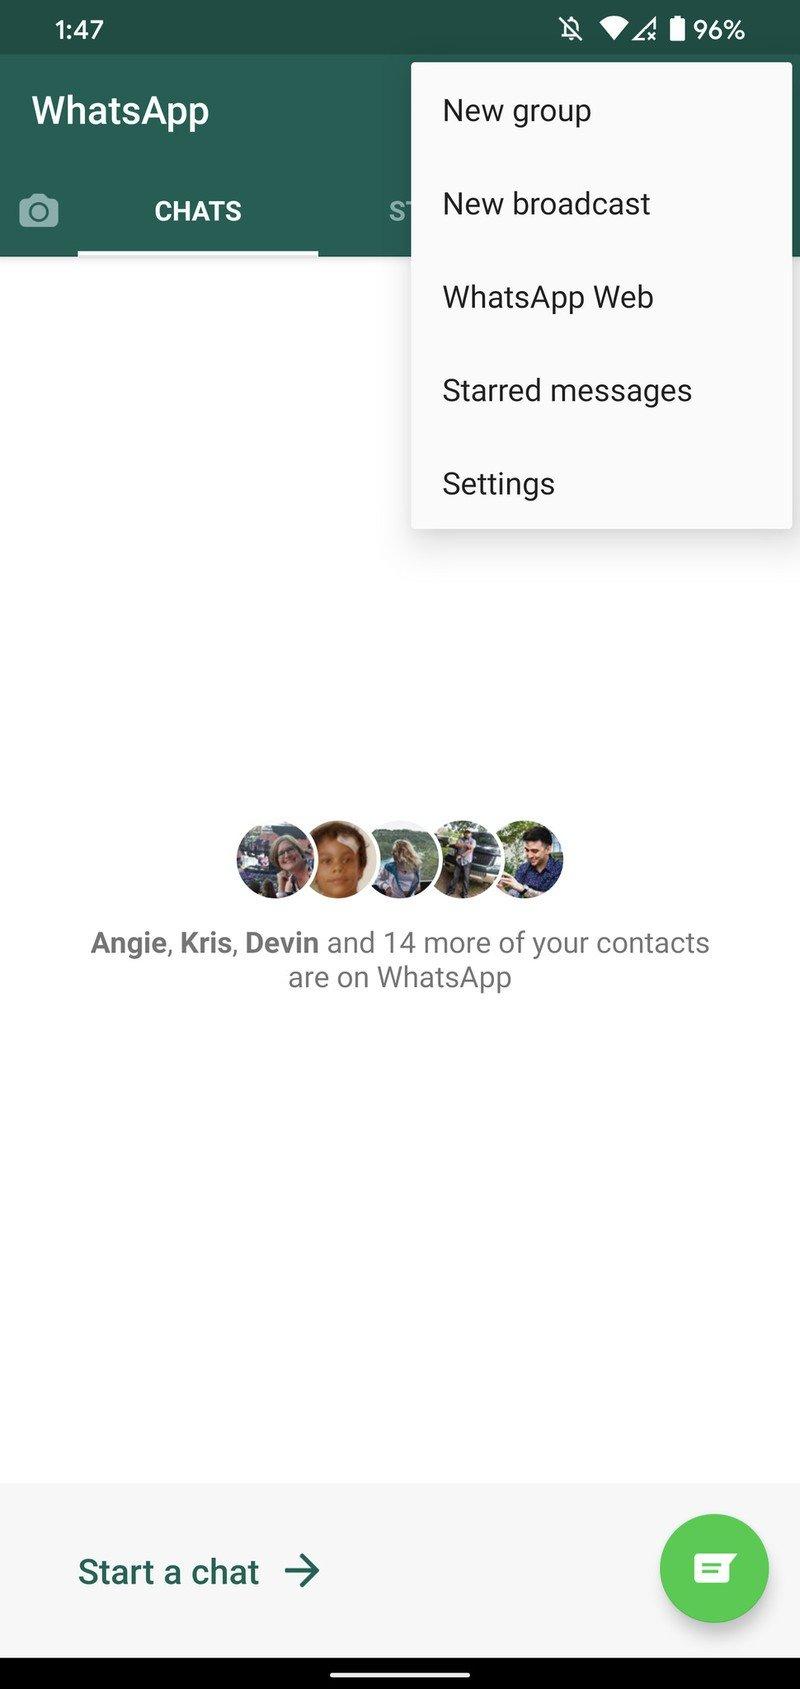 whatsapp-manage-notifications-2.jpg?itok